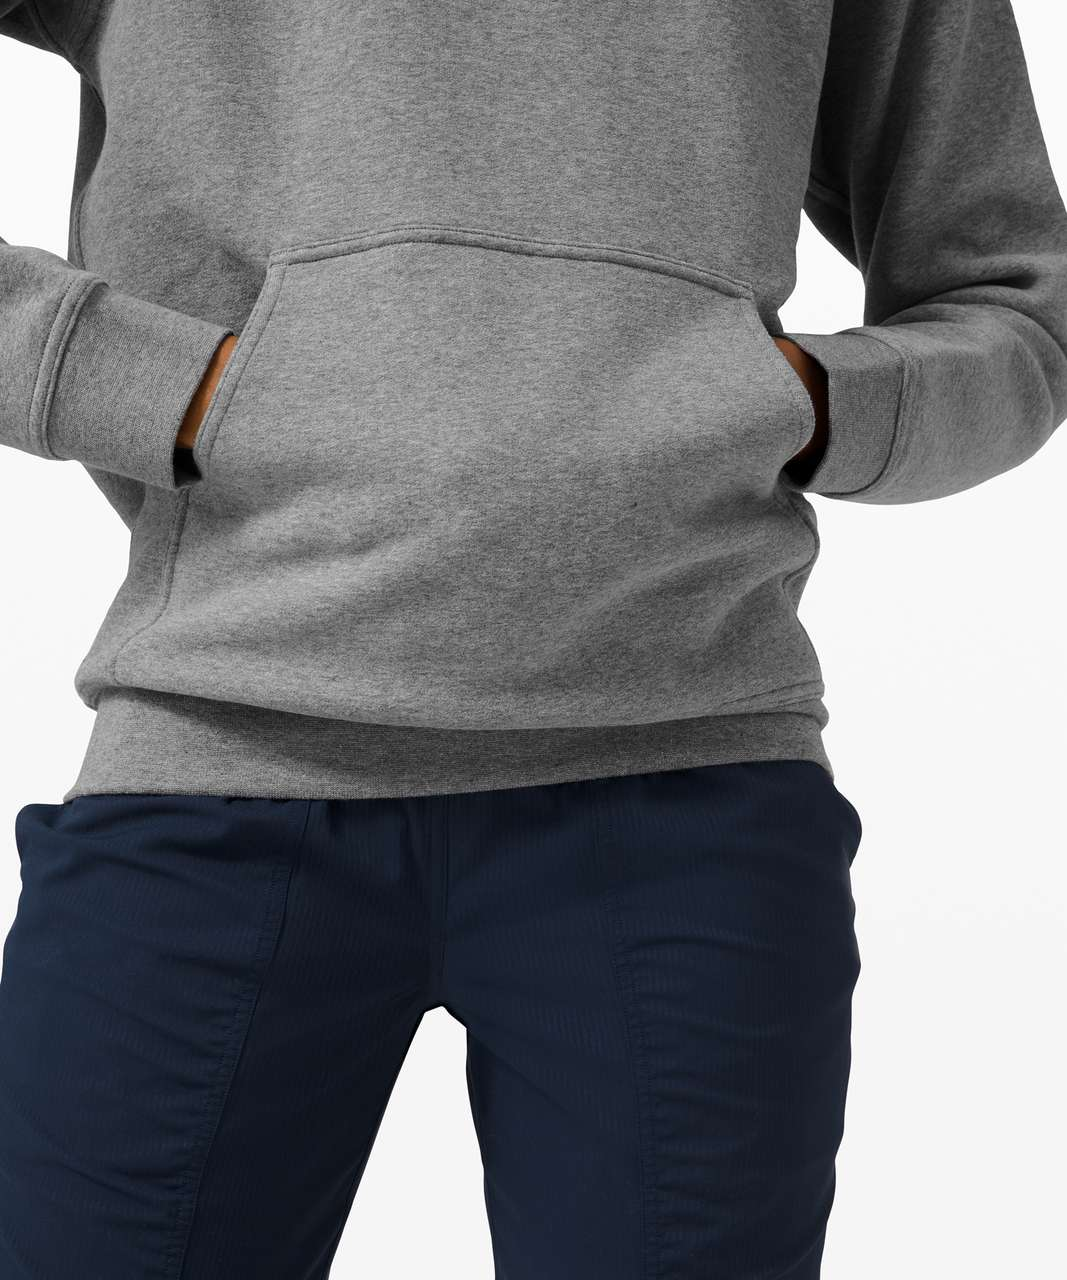 Lululemon All Yours Hoodie *Fleece - Heathered Core Medium Grey